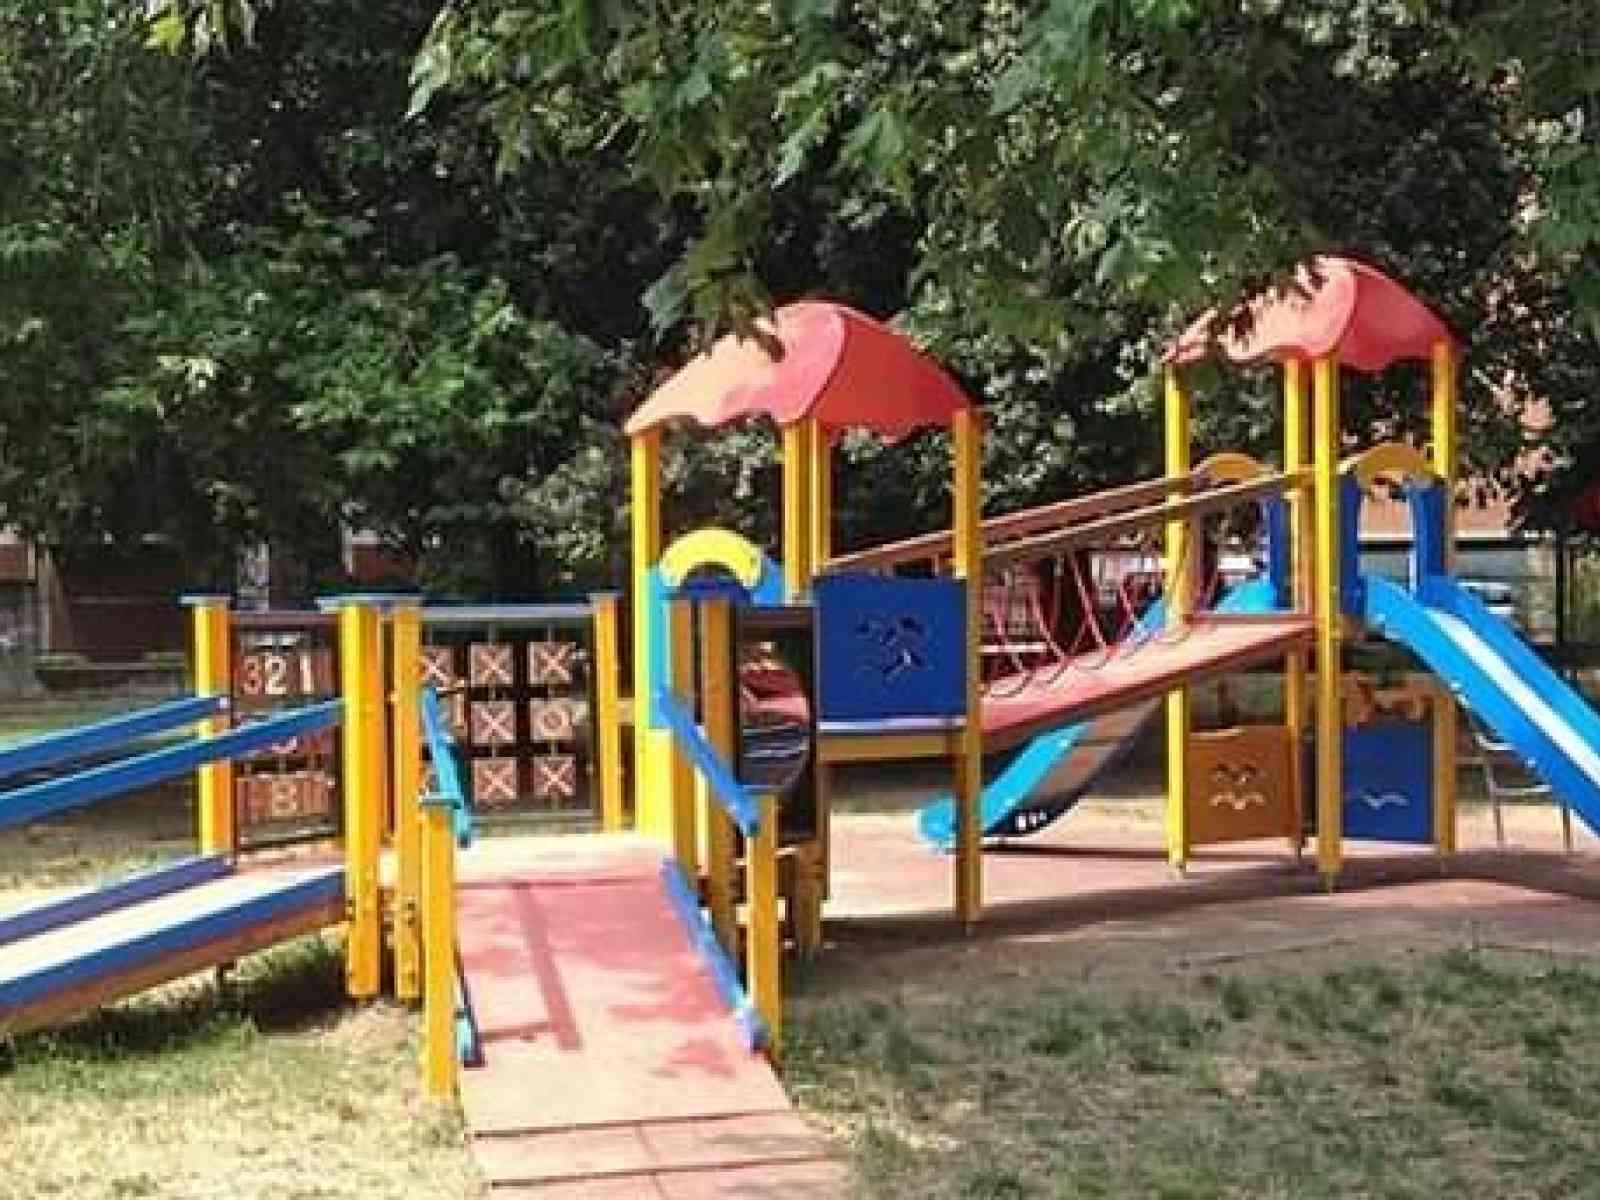 Immagine articolo: Sambuca e Sciacca ottengono un finanziamento per la realizzazione di un parco giochi inclusivo.